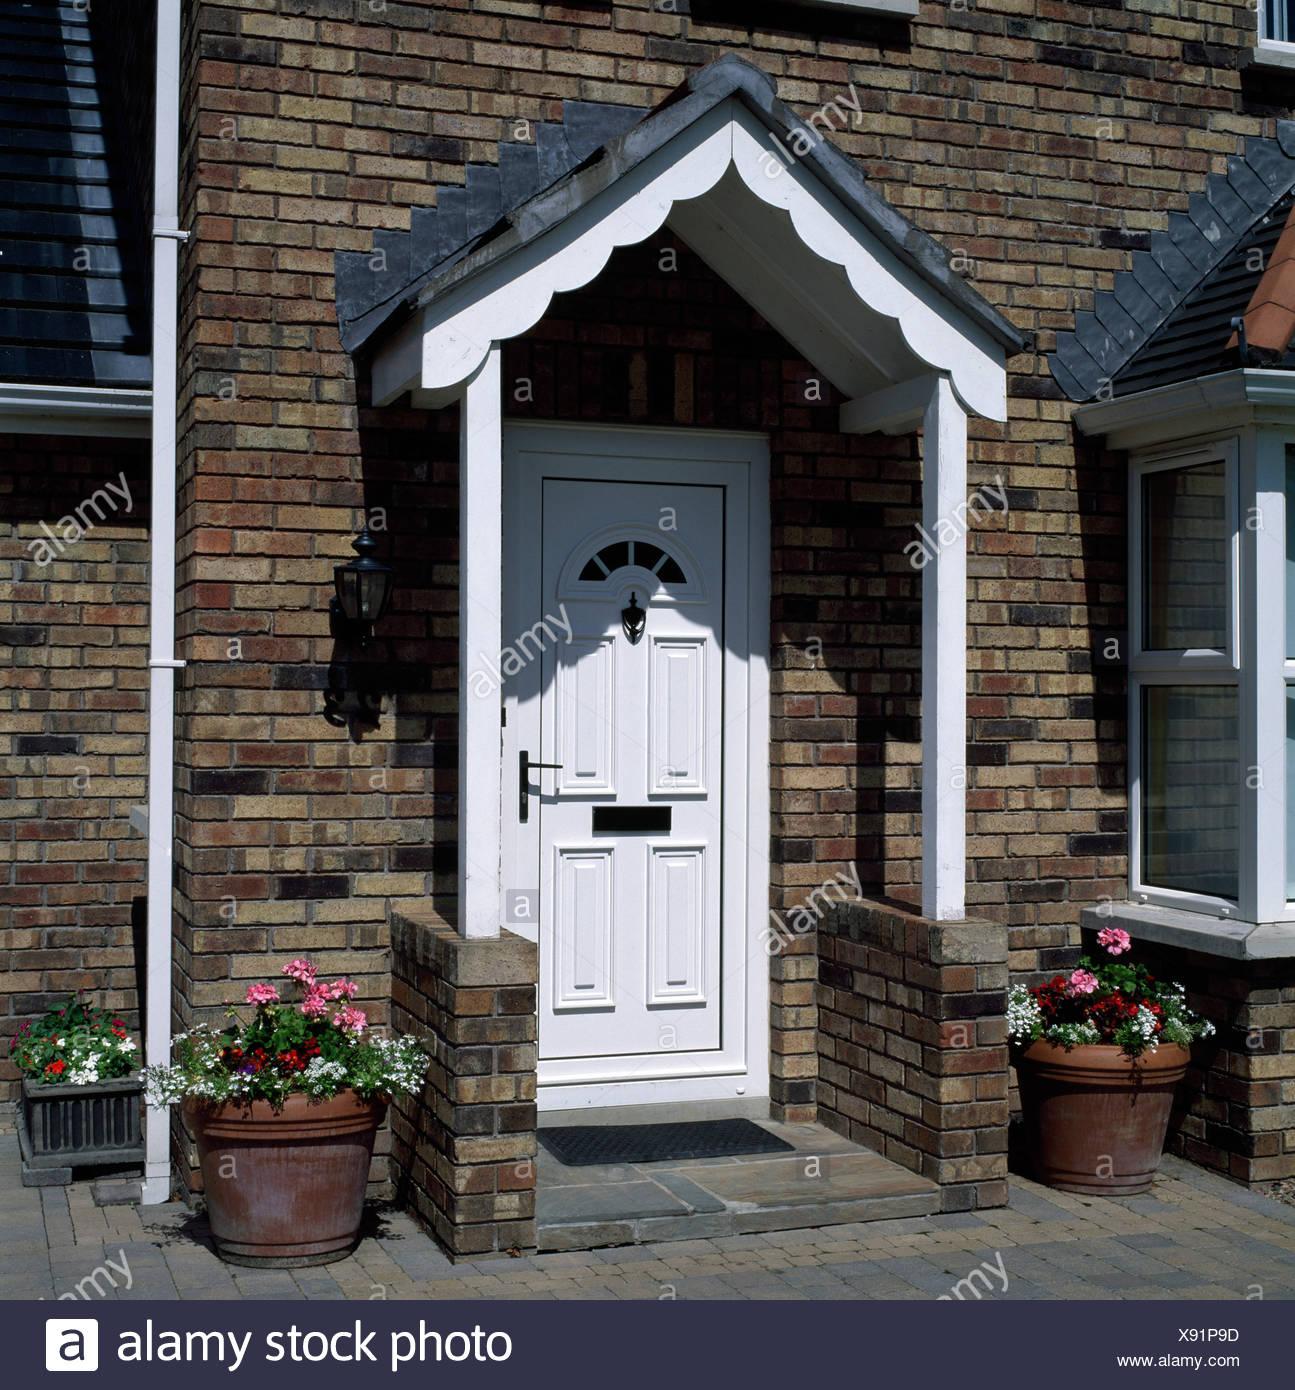 Doorway Of Detached House, Ireland - Stock Image